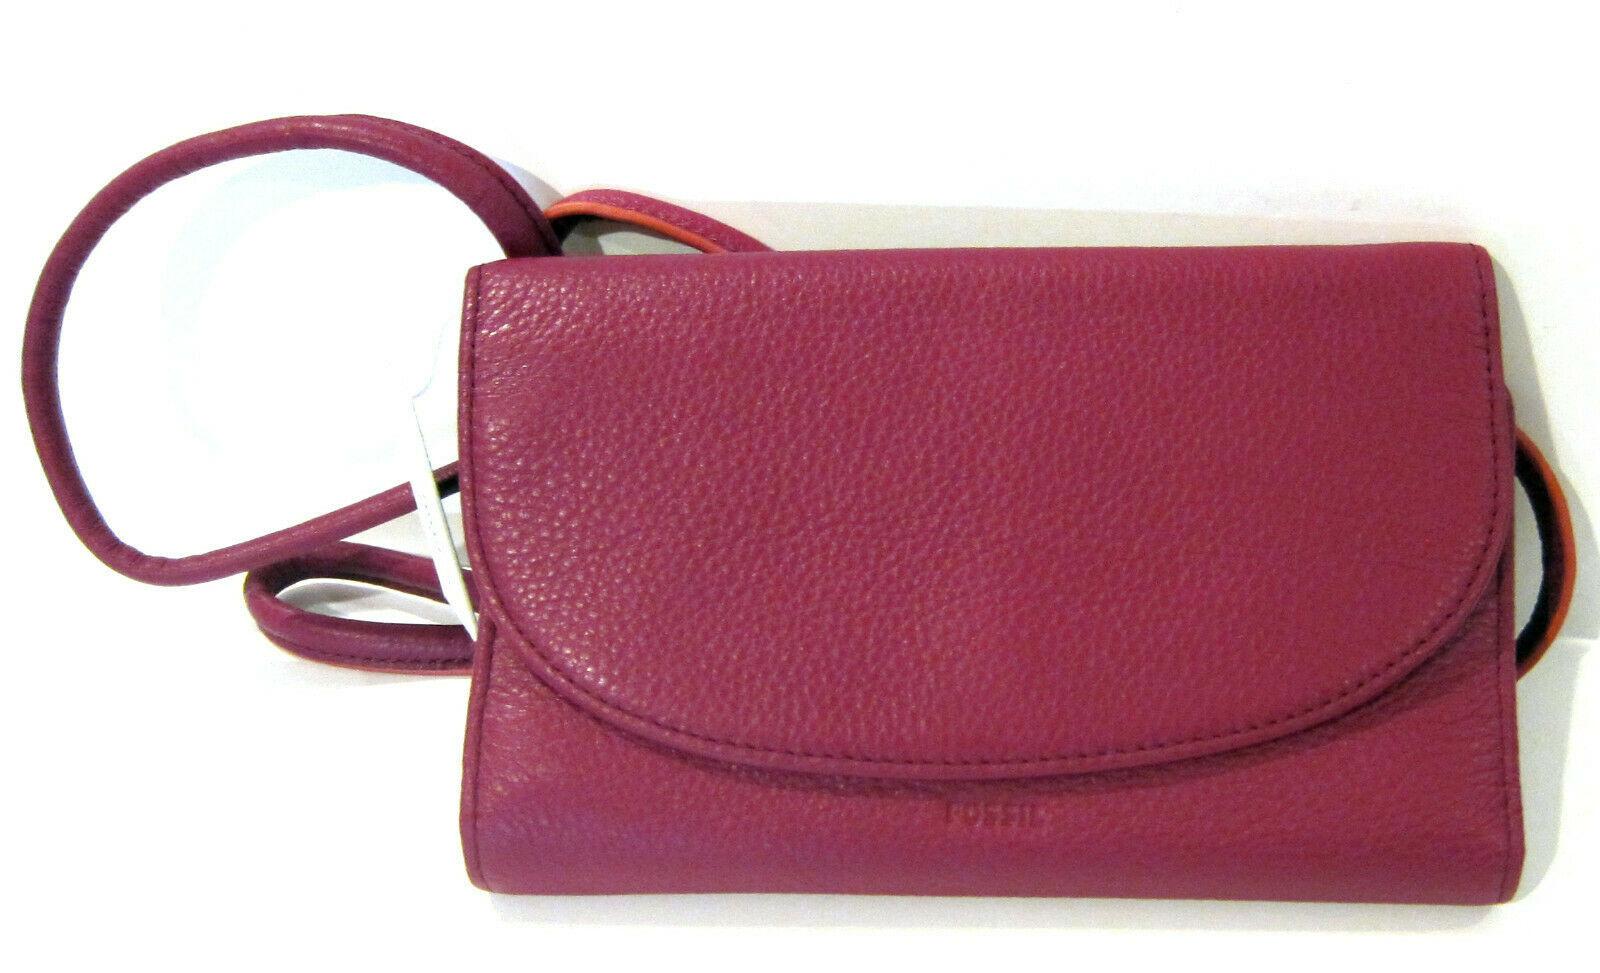 Fossil Brand Sophia Tassled Crossbody Wallet Raspberry Wine SLG1036672 NEW  image 3